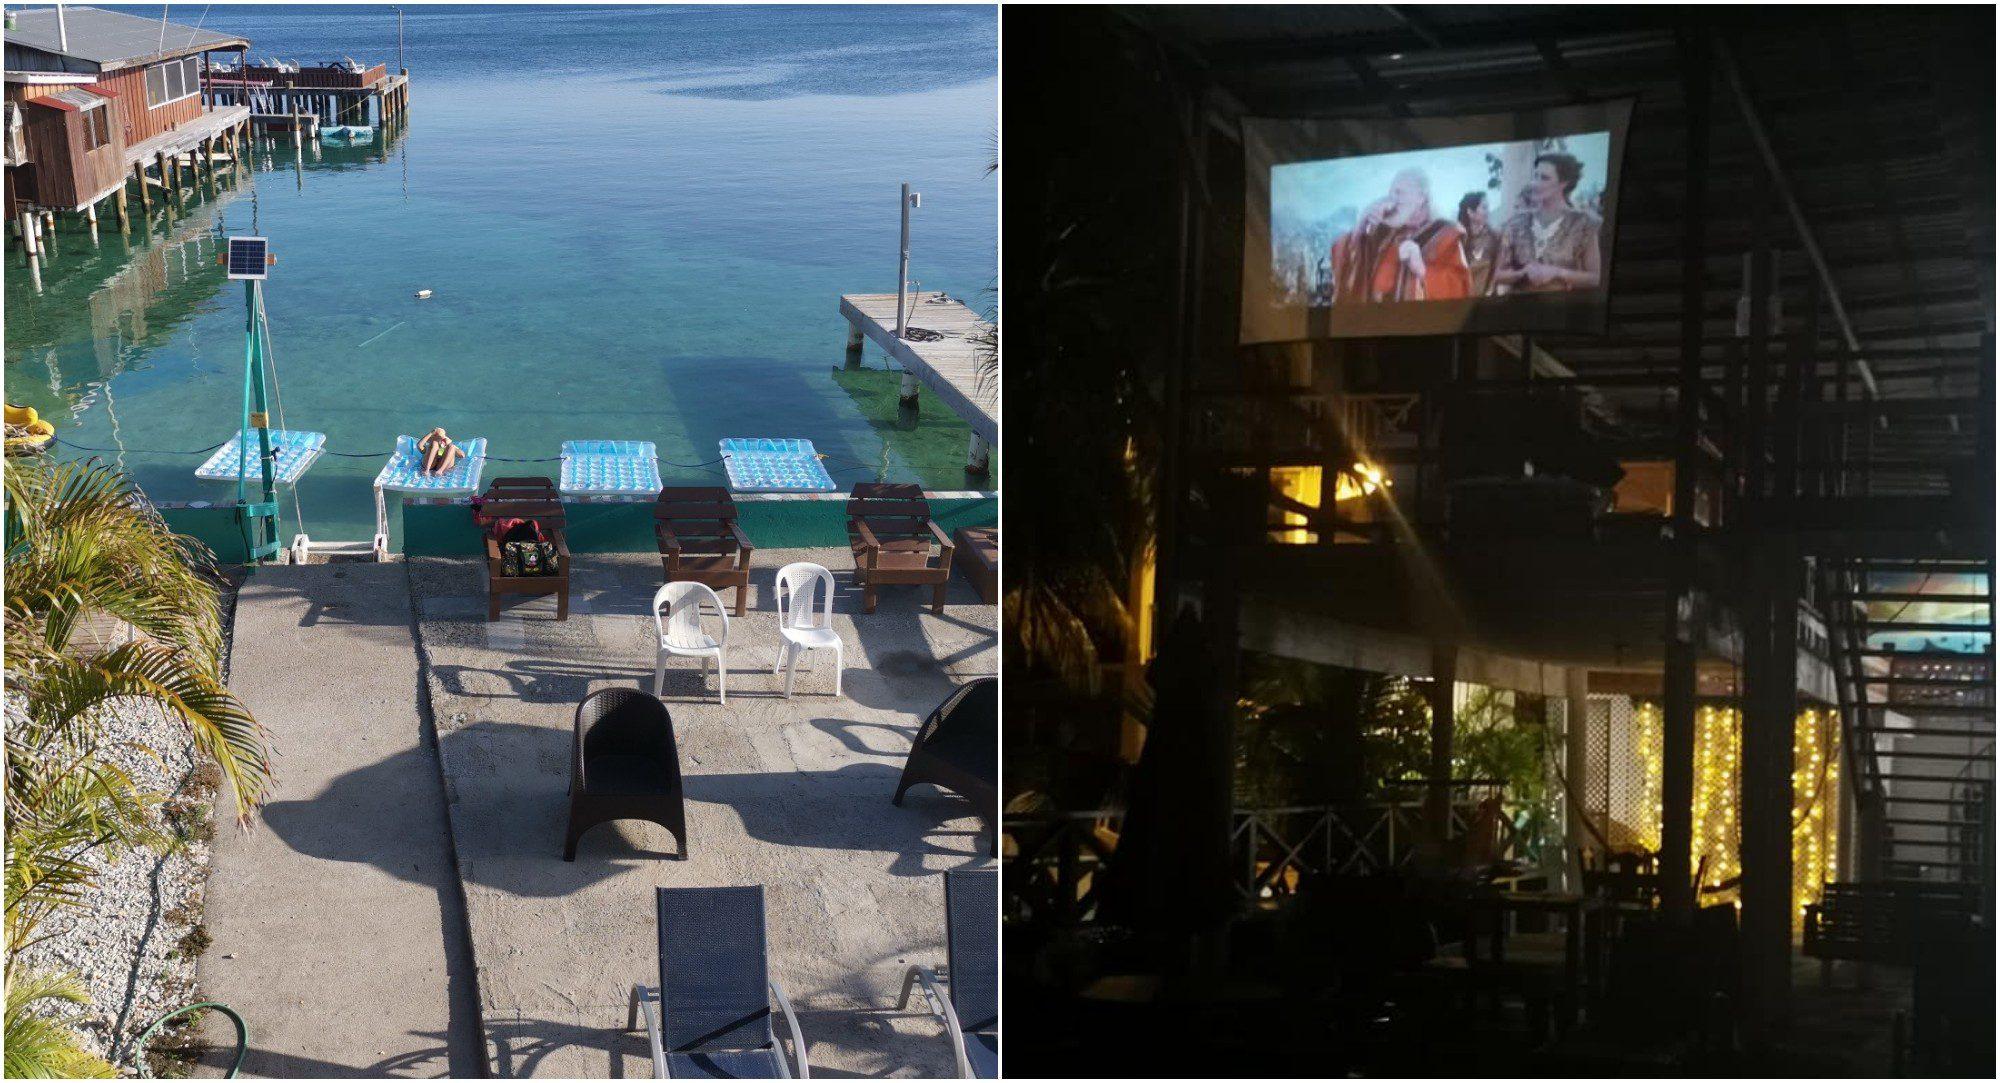 Aquacinema, la nueva atracción de Hotel Útila